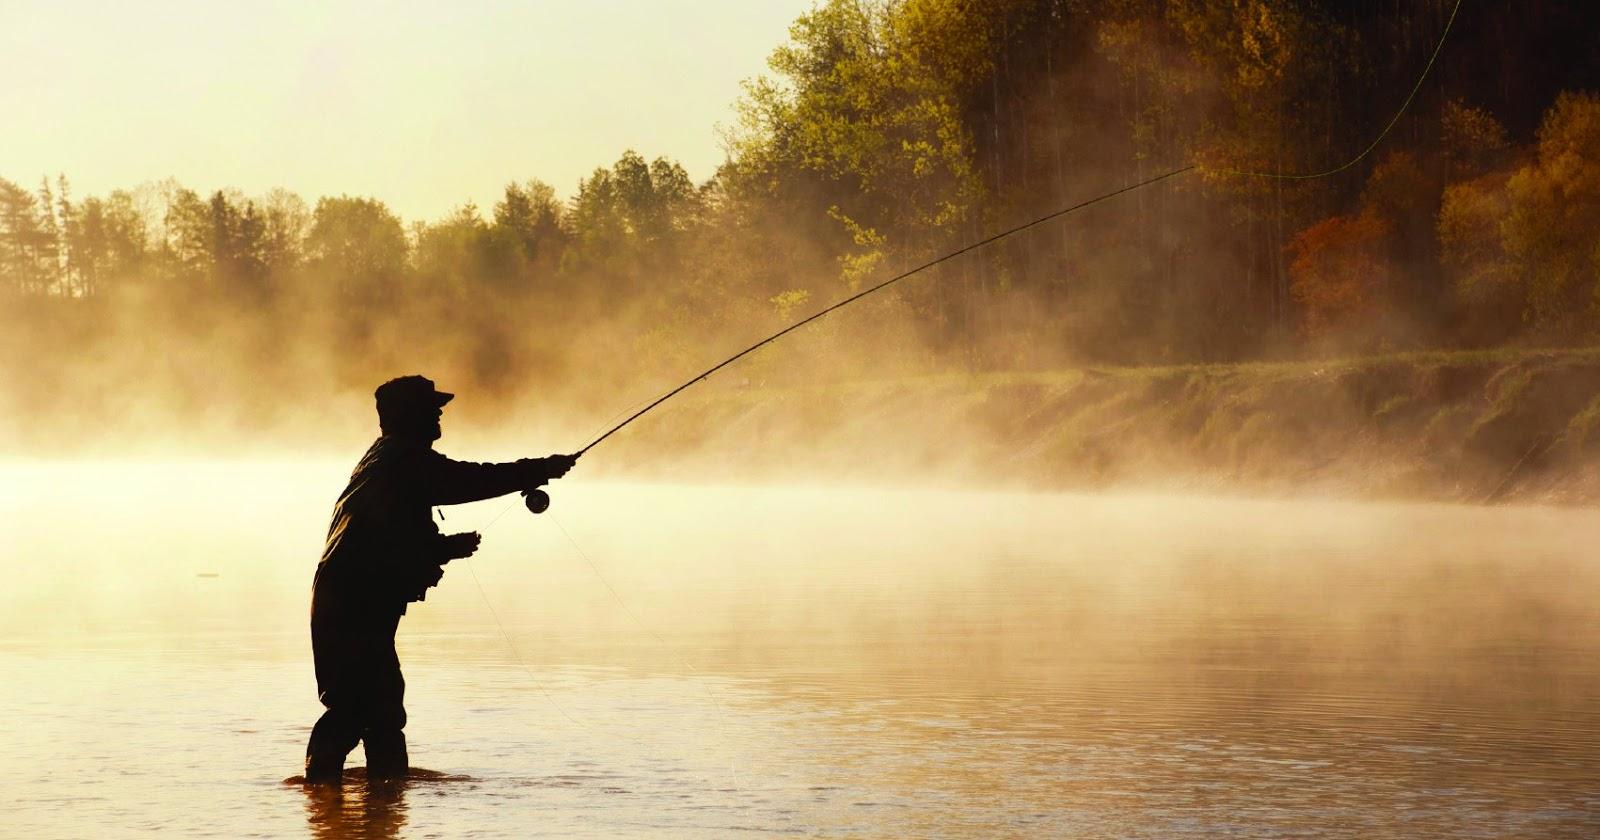 Ribolov na fotkama - Page 10 Fishing